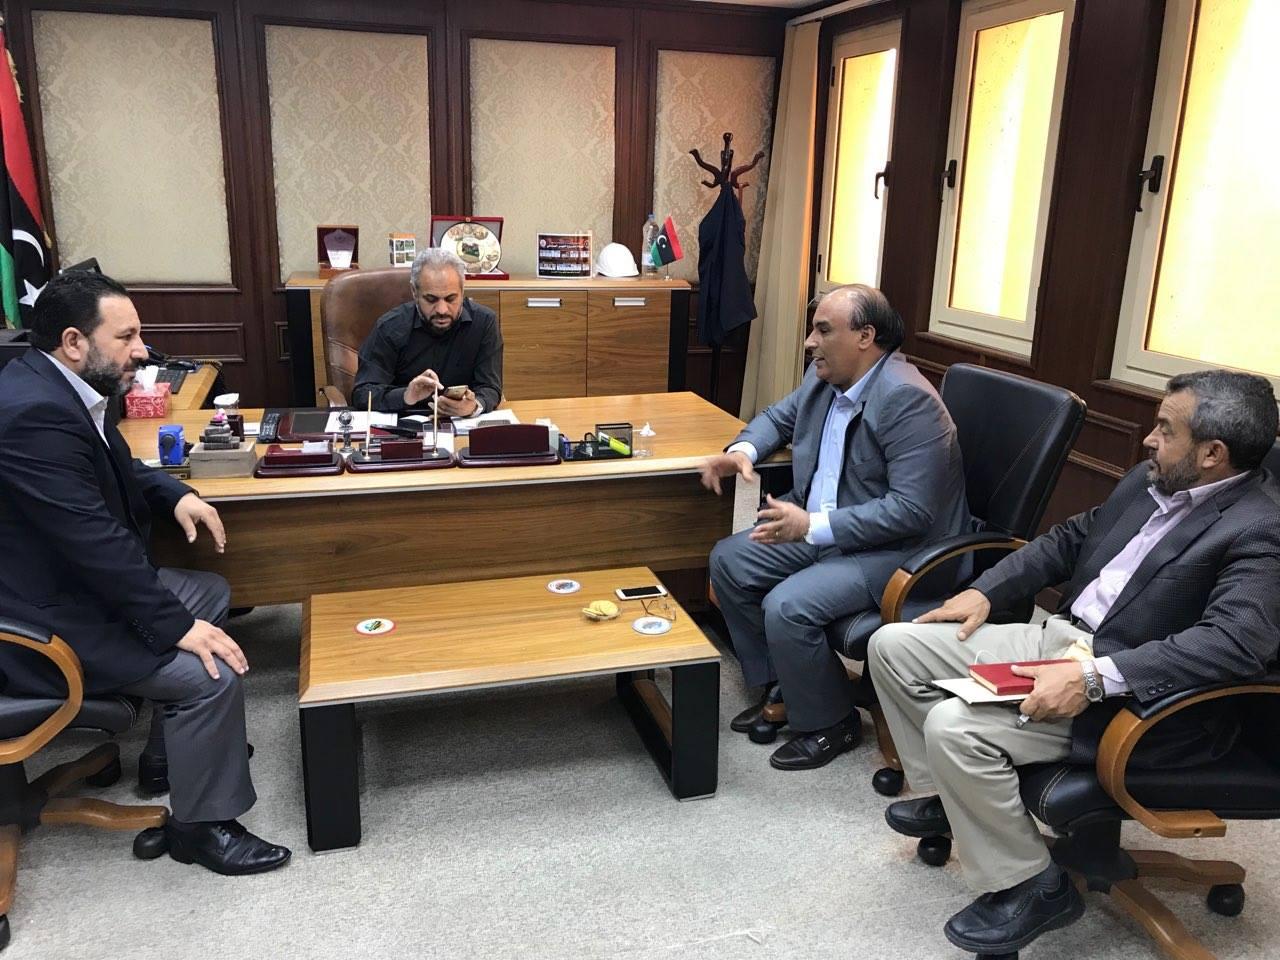 عميد بلدية سرت يبحث سبل الاهتمام بالمشاريع الزراعية وتنفيذ محطة تحلية مياه بالمدينة